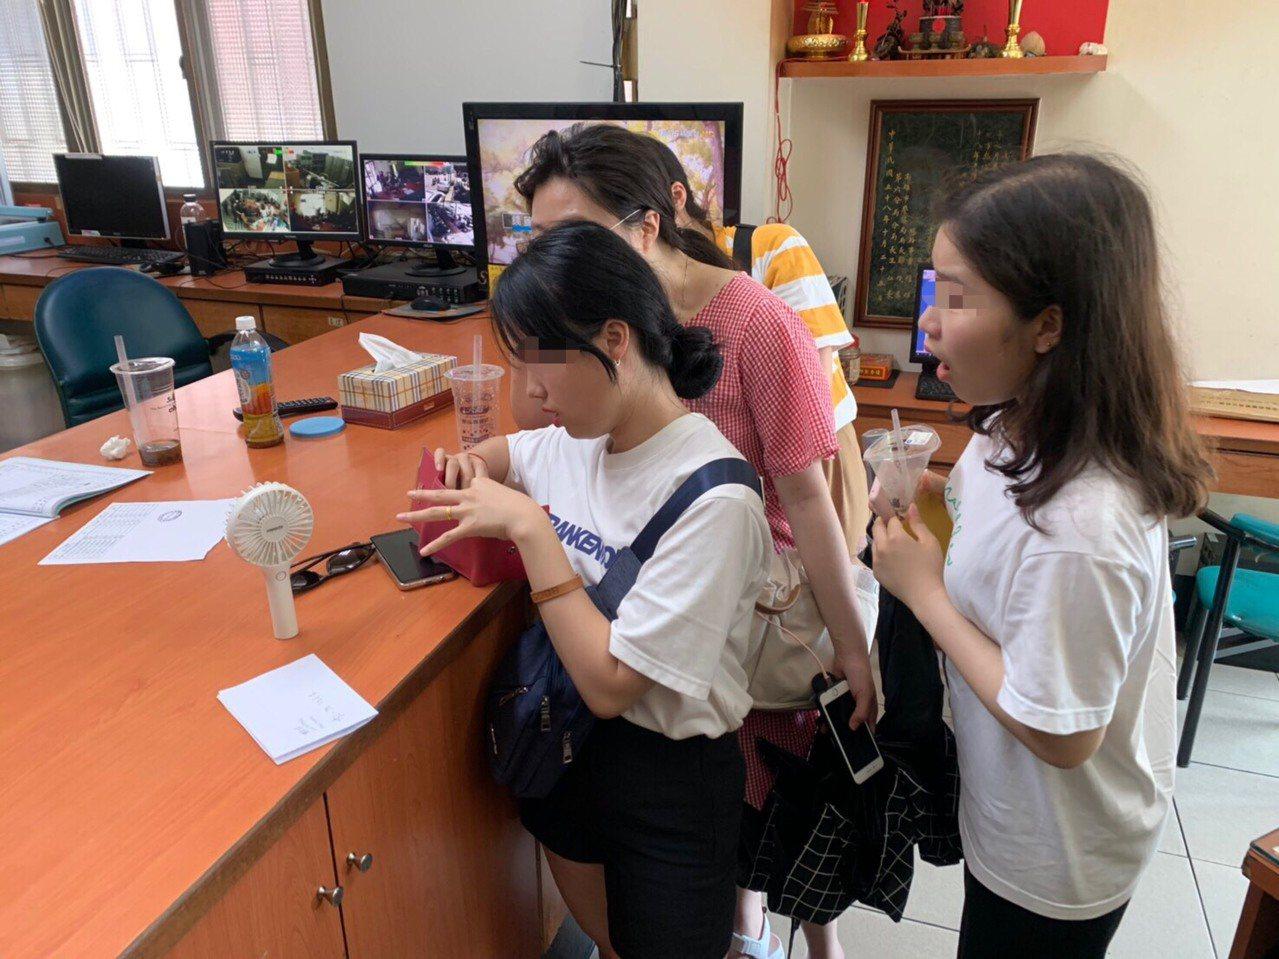 韓籍張姓女大學生到派出所領遺失的皮夾。記者林保光/翻攝